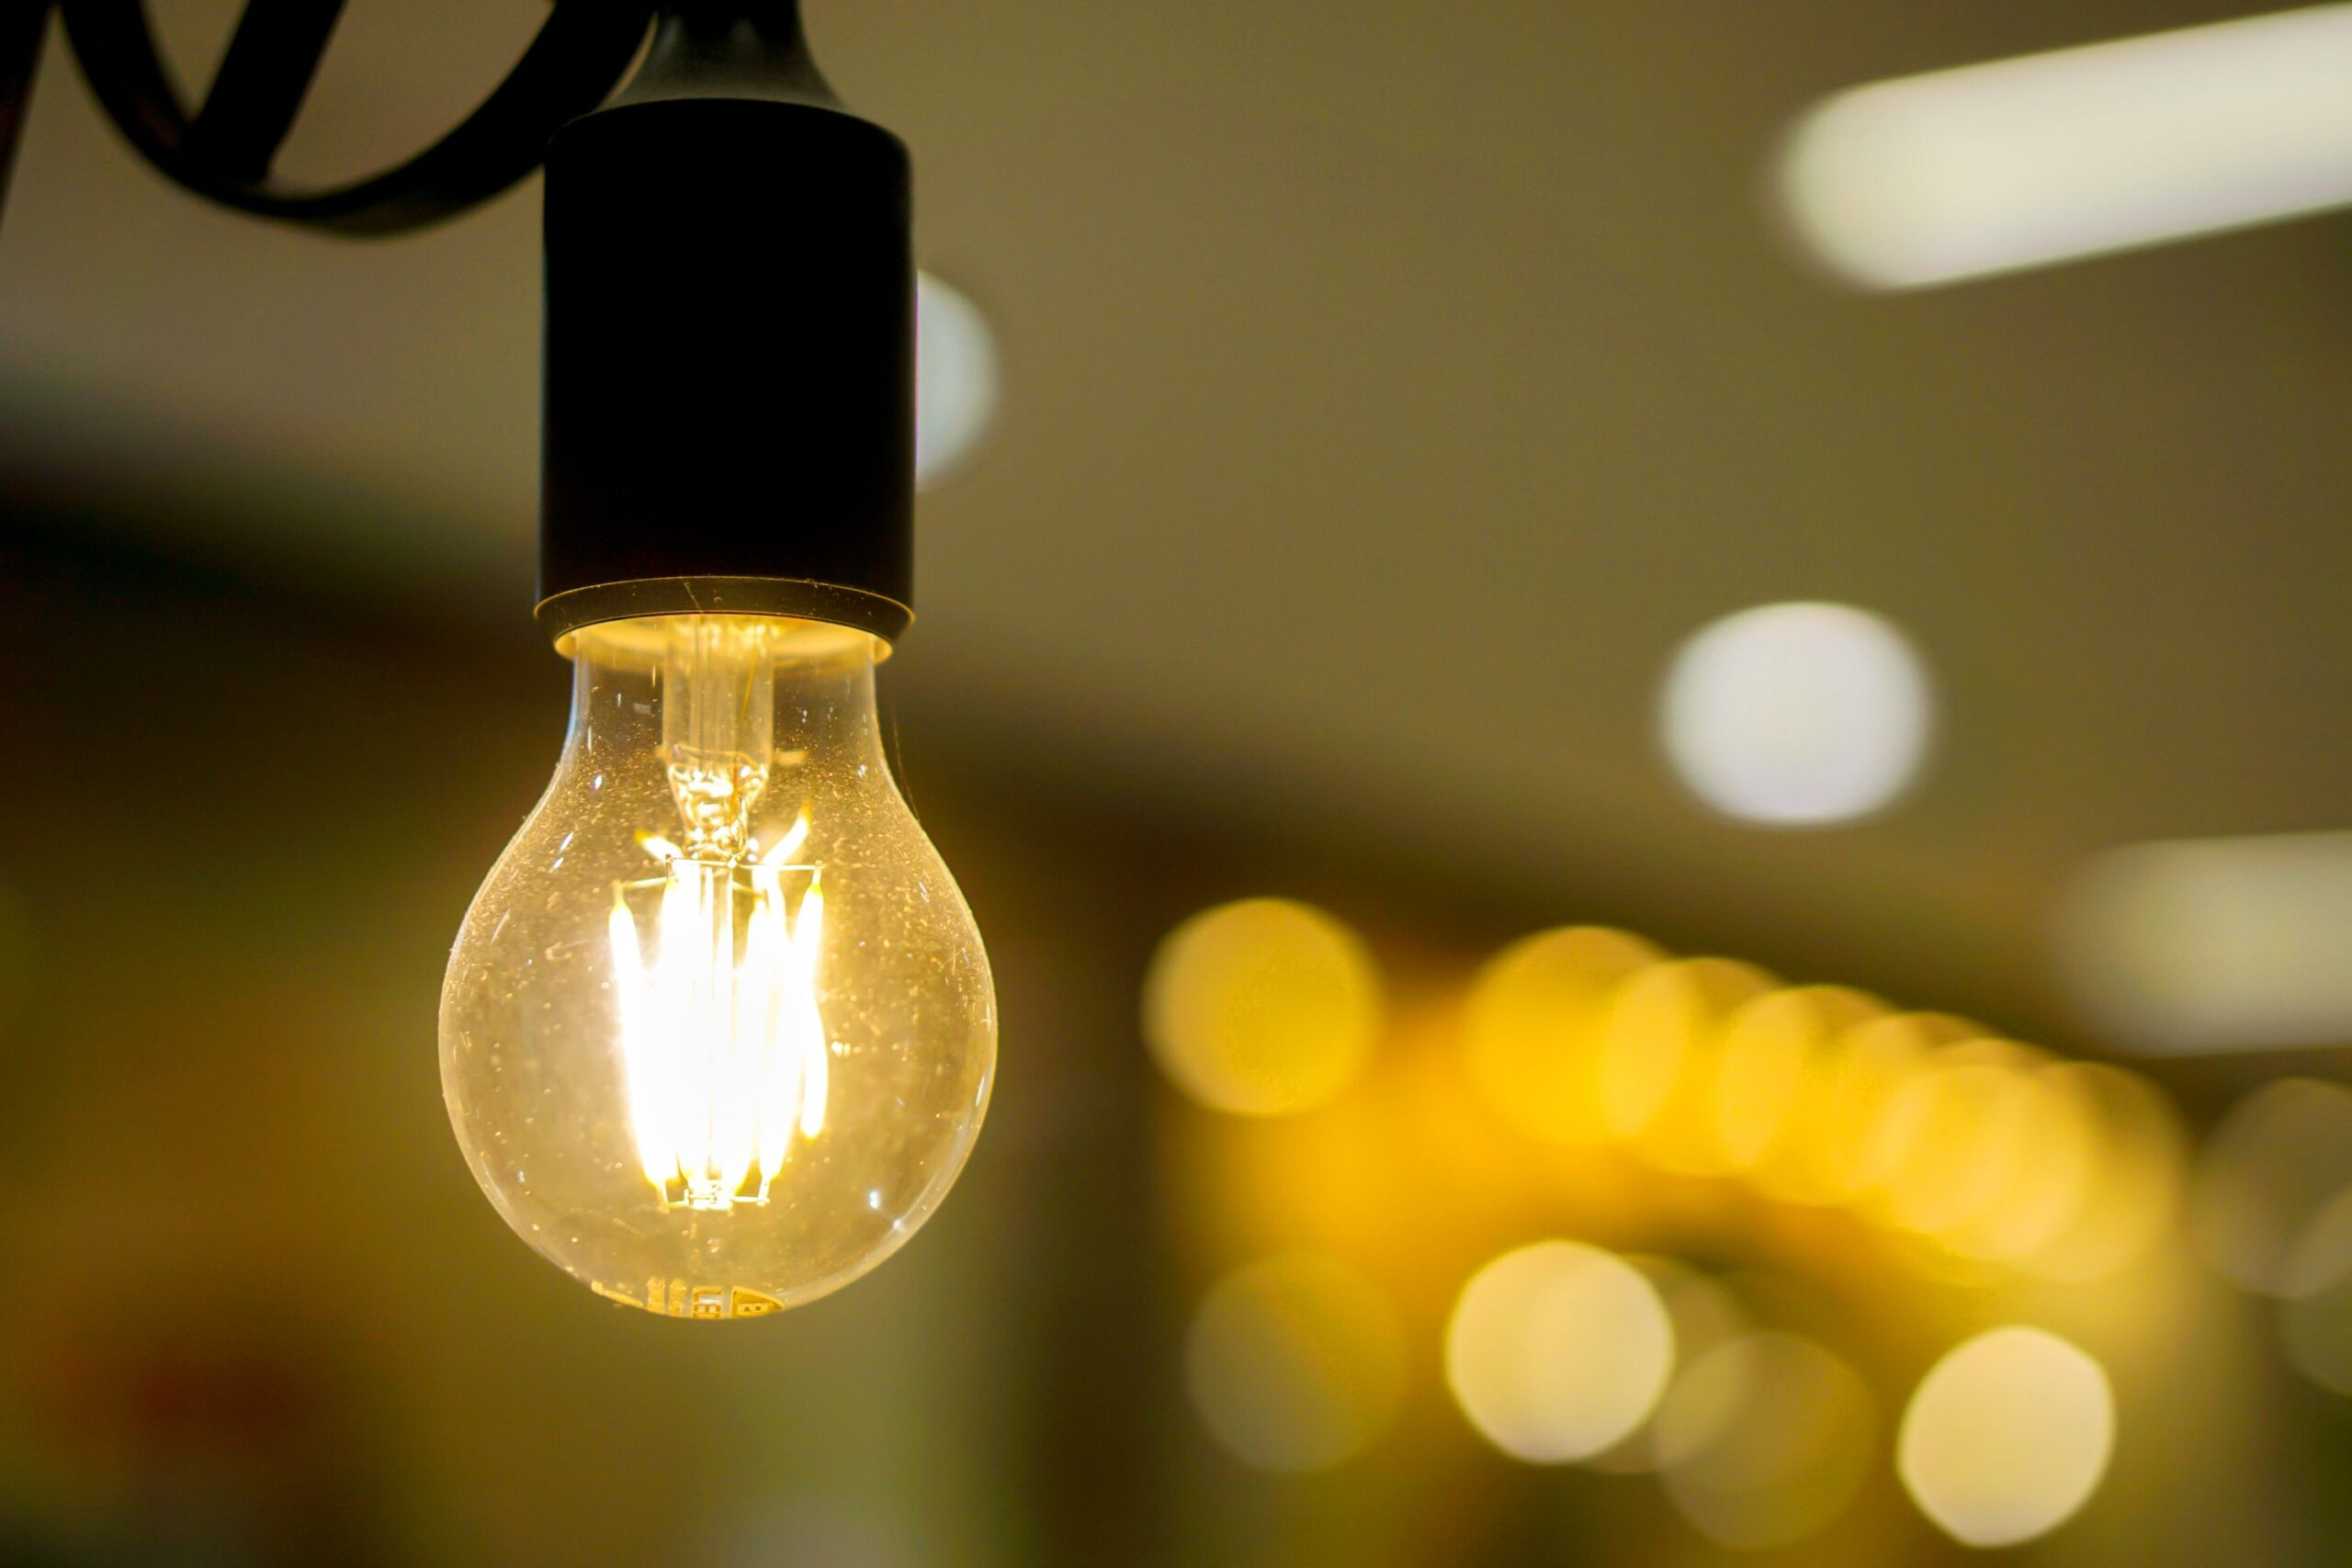 Reduce la marcación de luz en el medidor digital